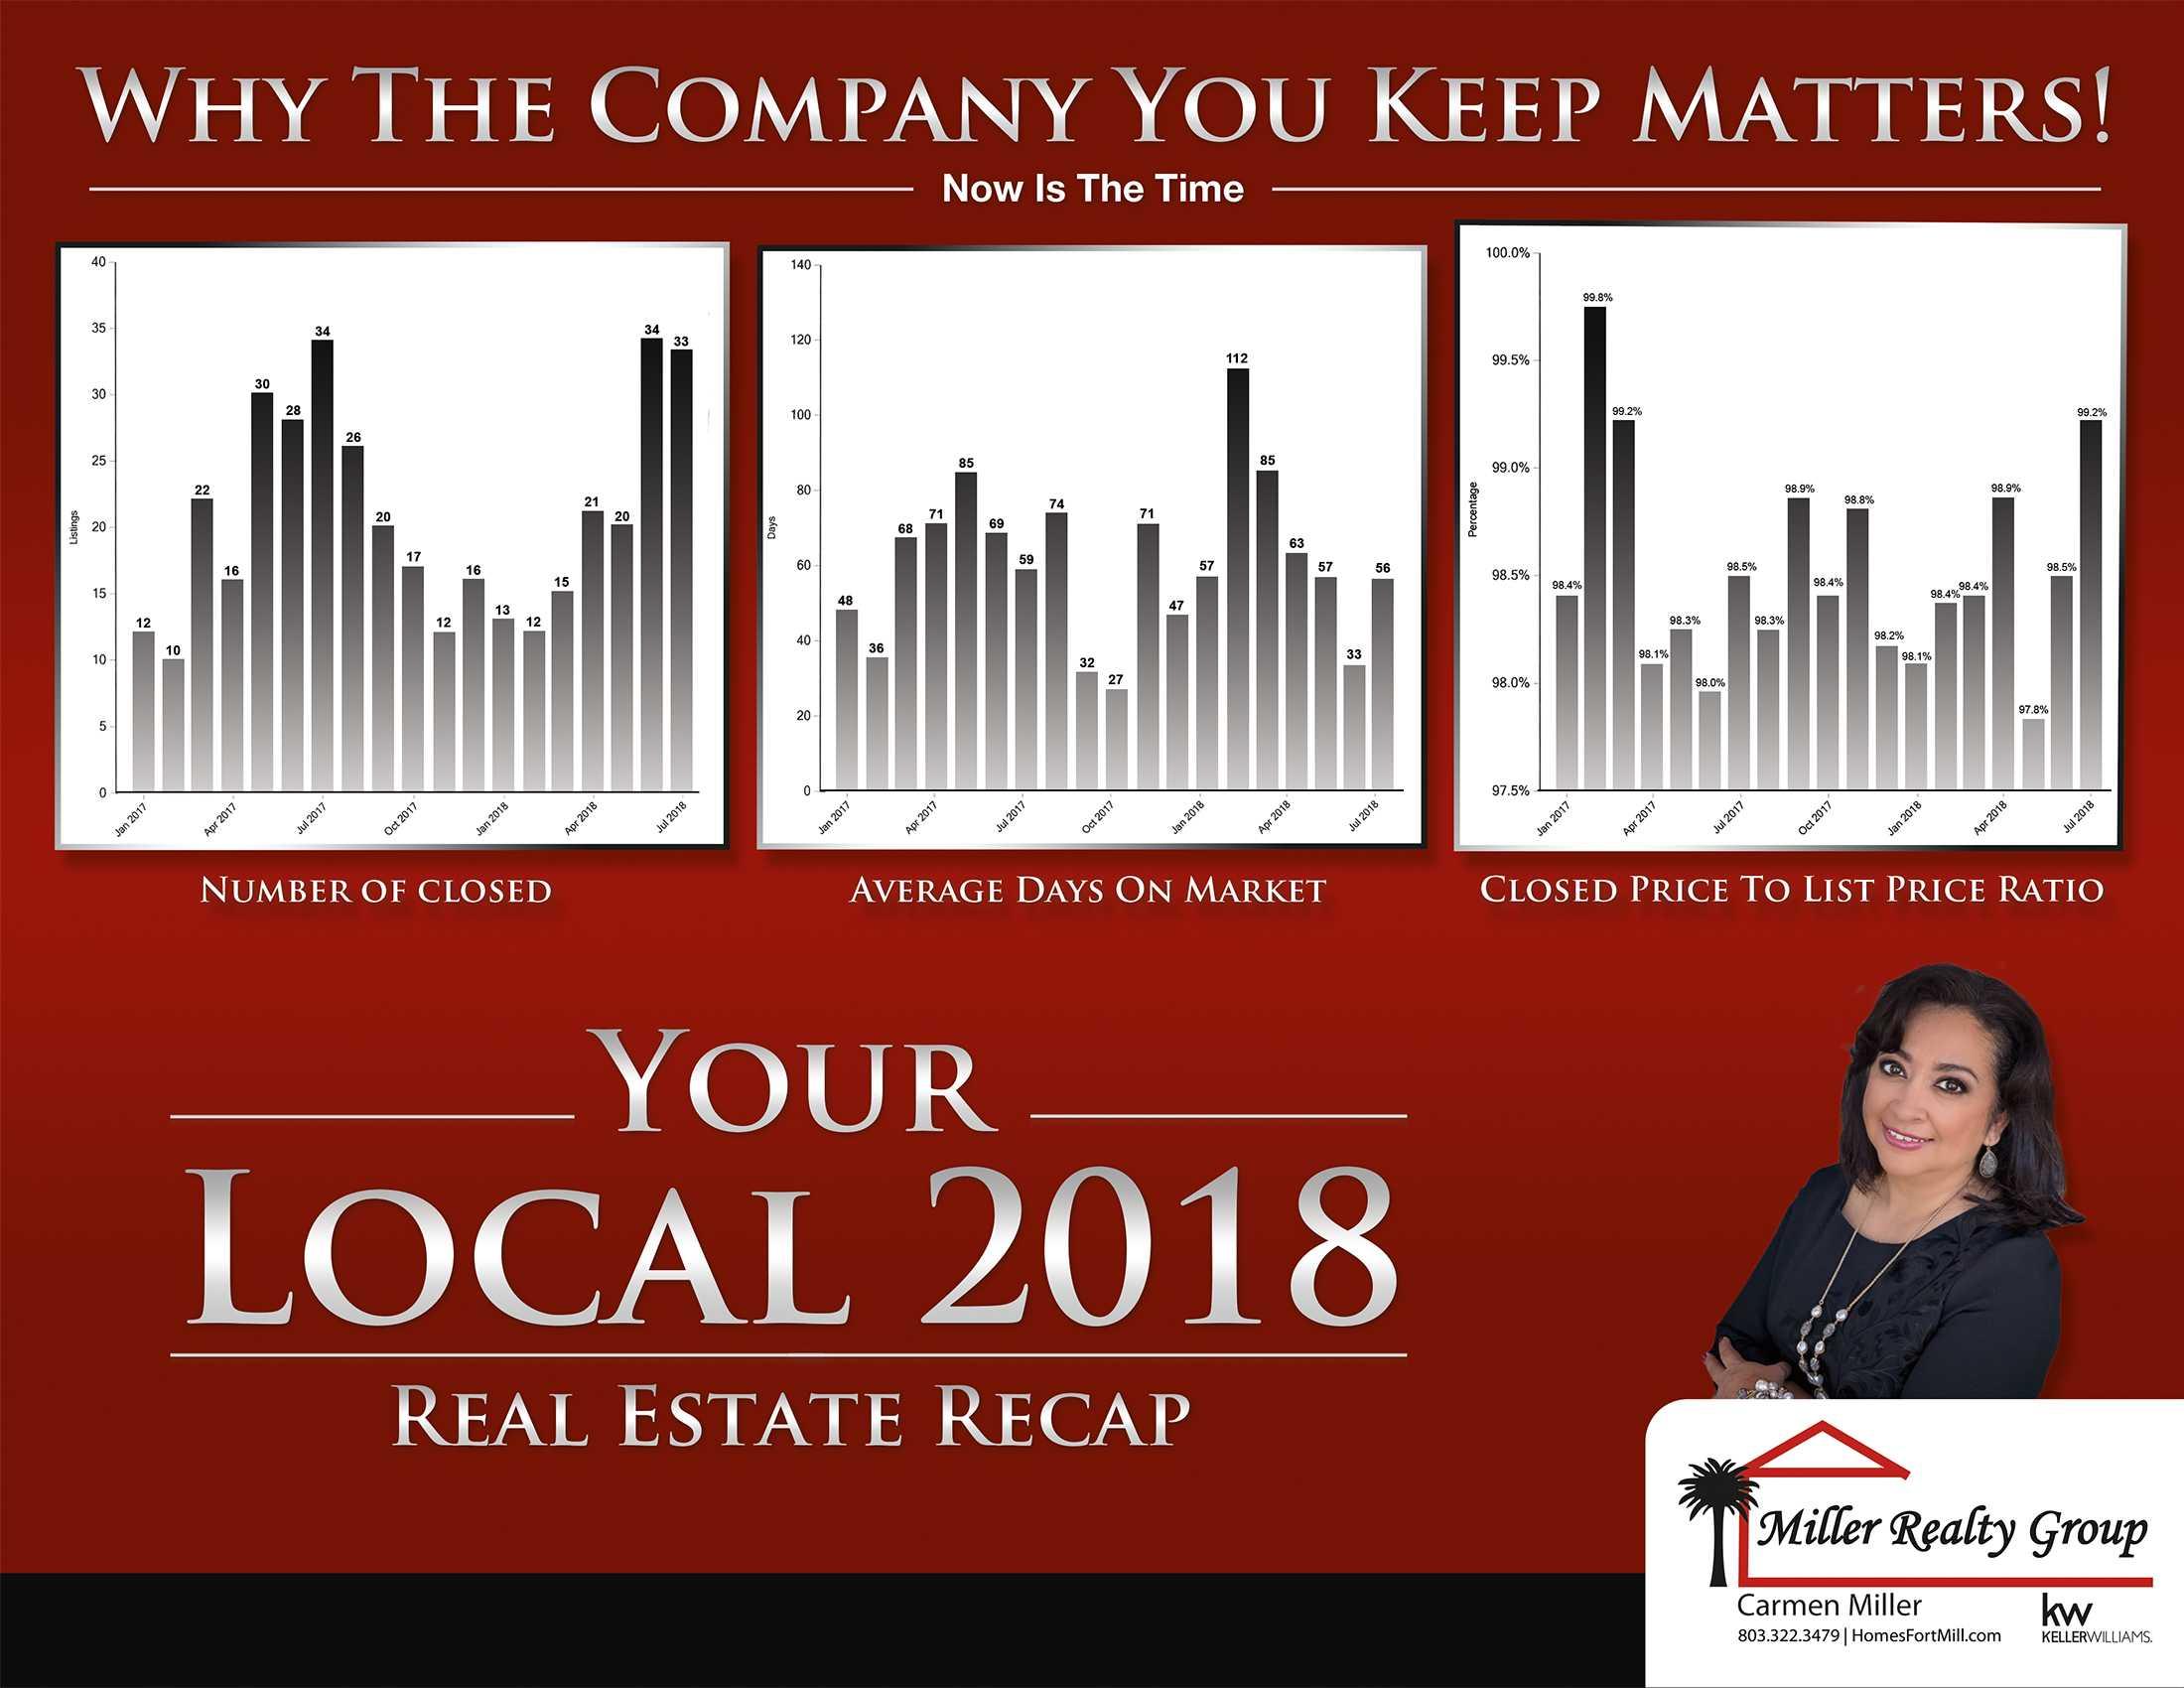 YOUR LOCAL REAL ESTATE 2018 RECAP